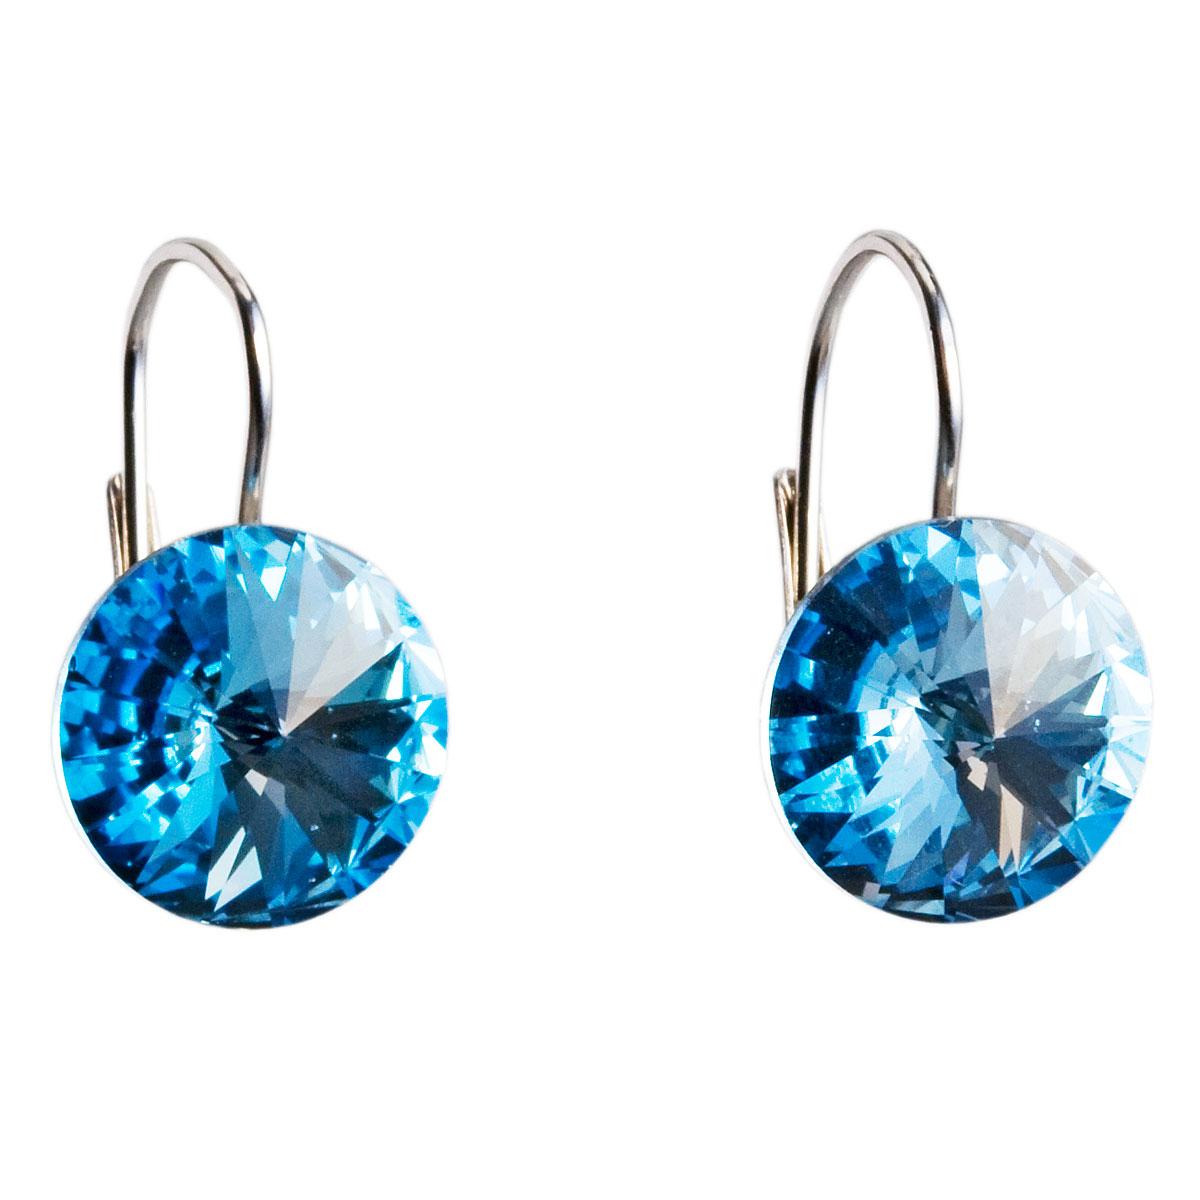 Evolution Group Stříbrné náušnice visací s krystaly Swarovski modré kulaté 31106.3 aquamarine